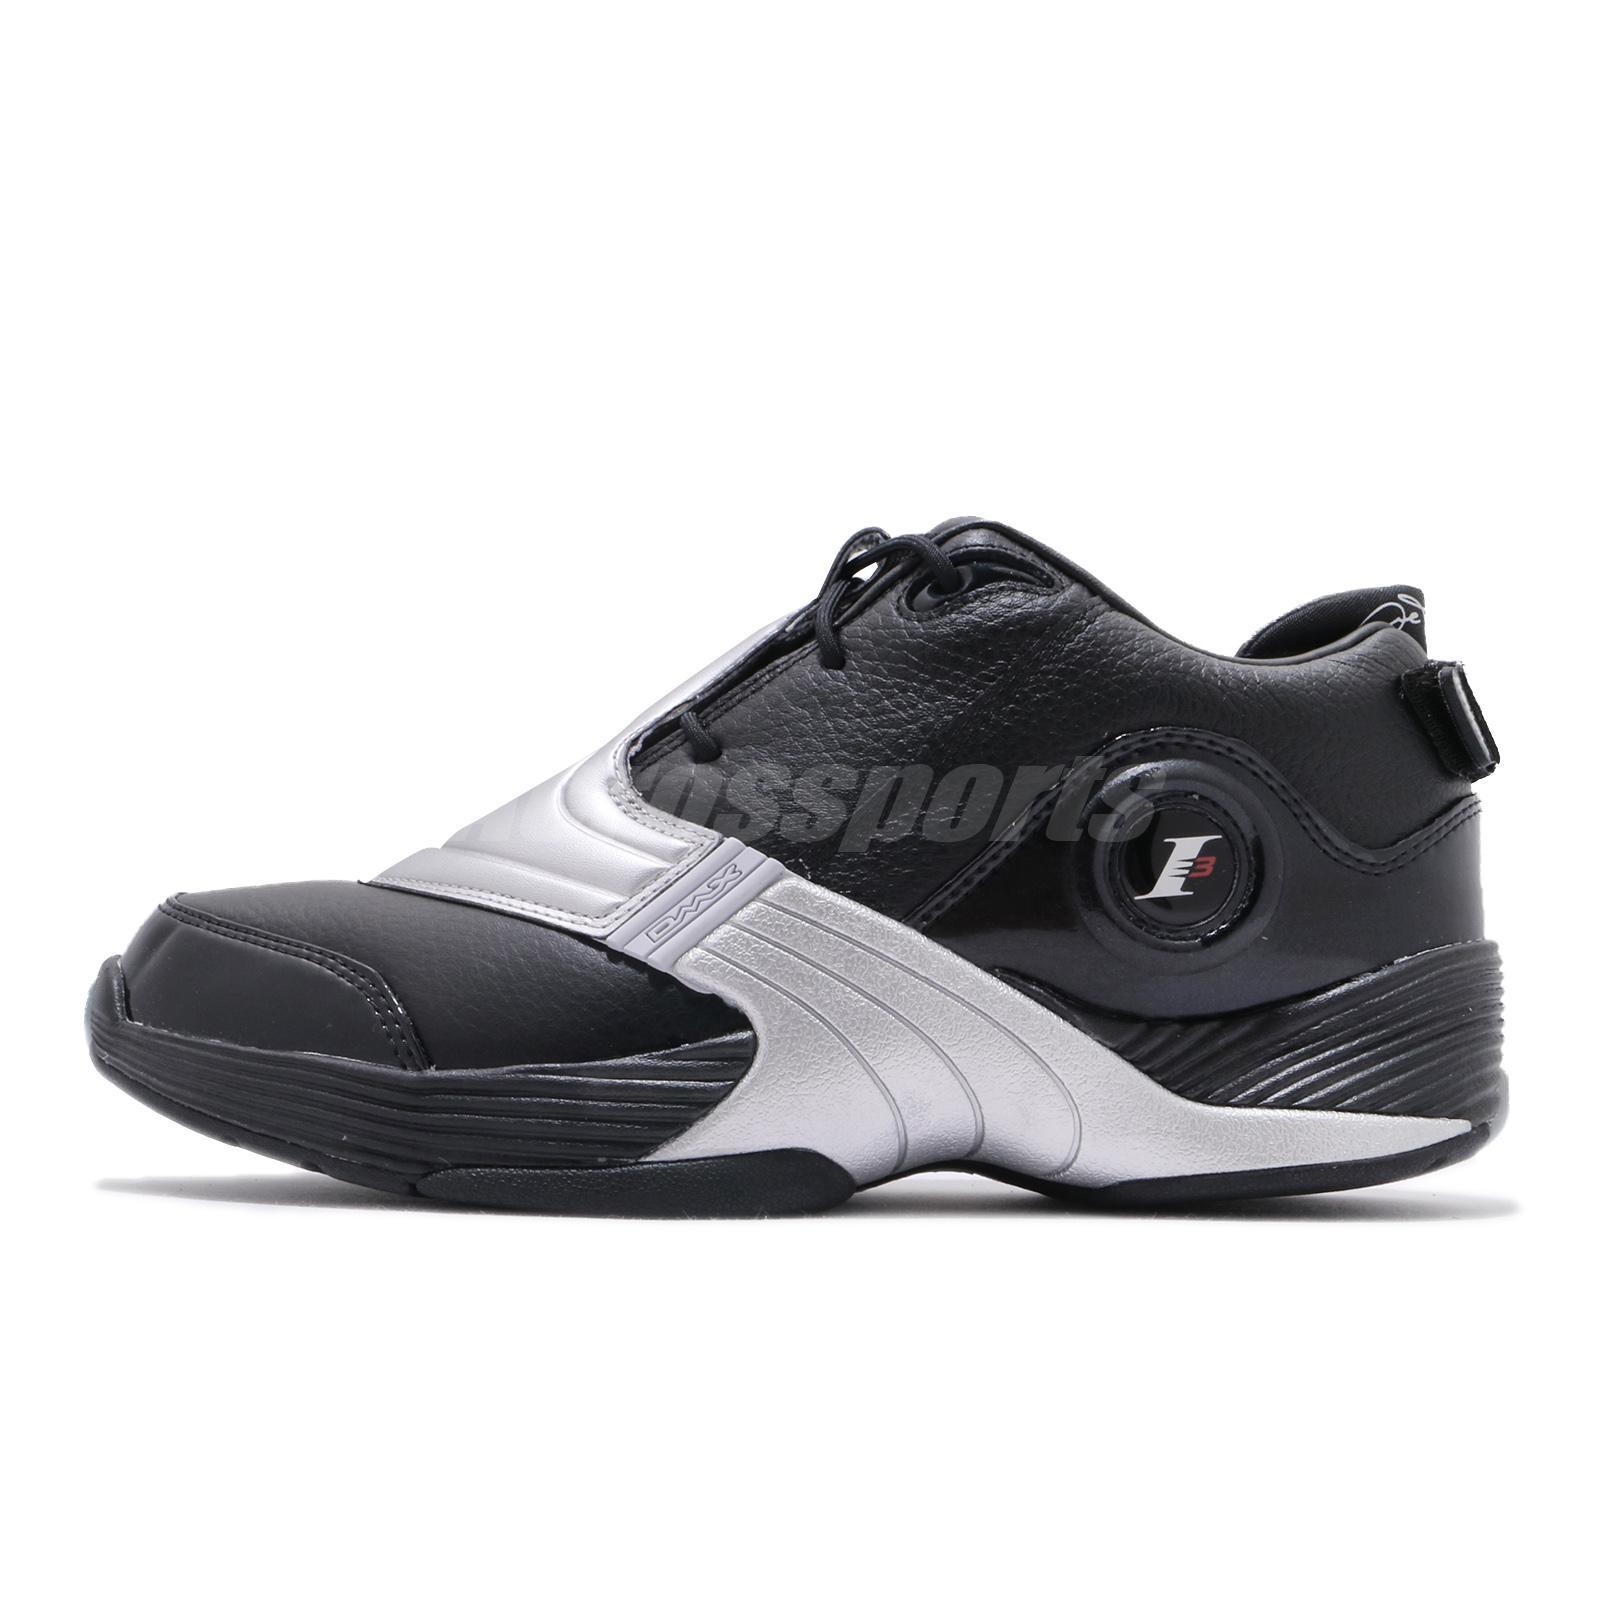 allen iverson shoes all black, OFF 71